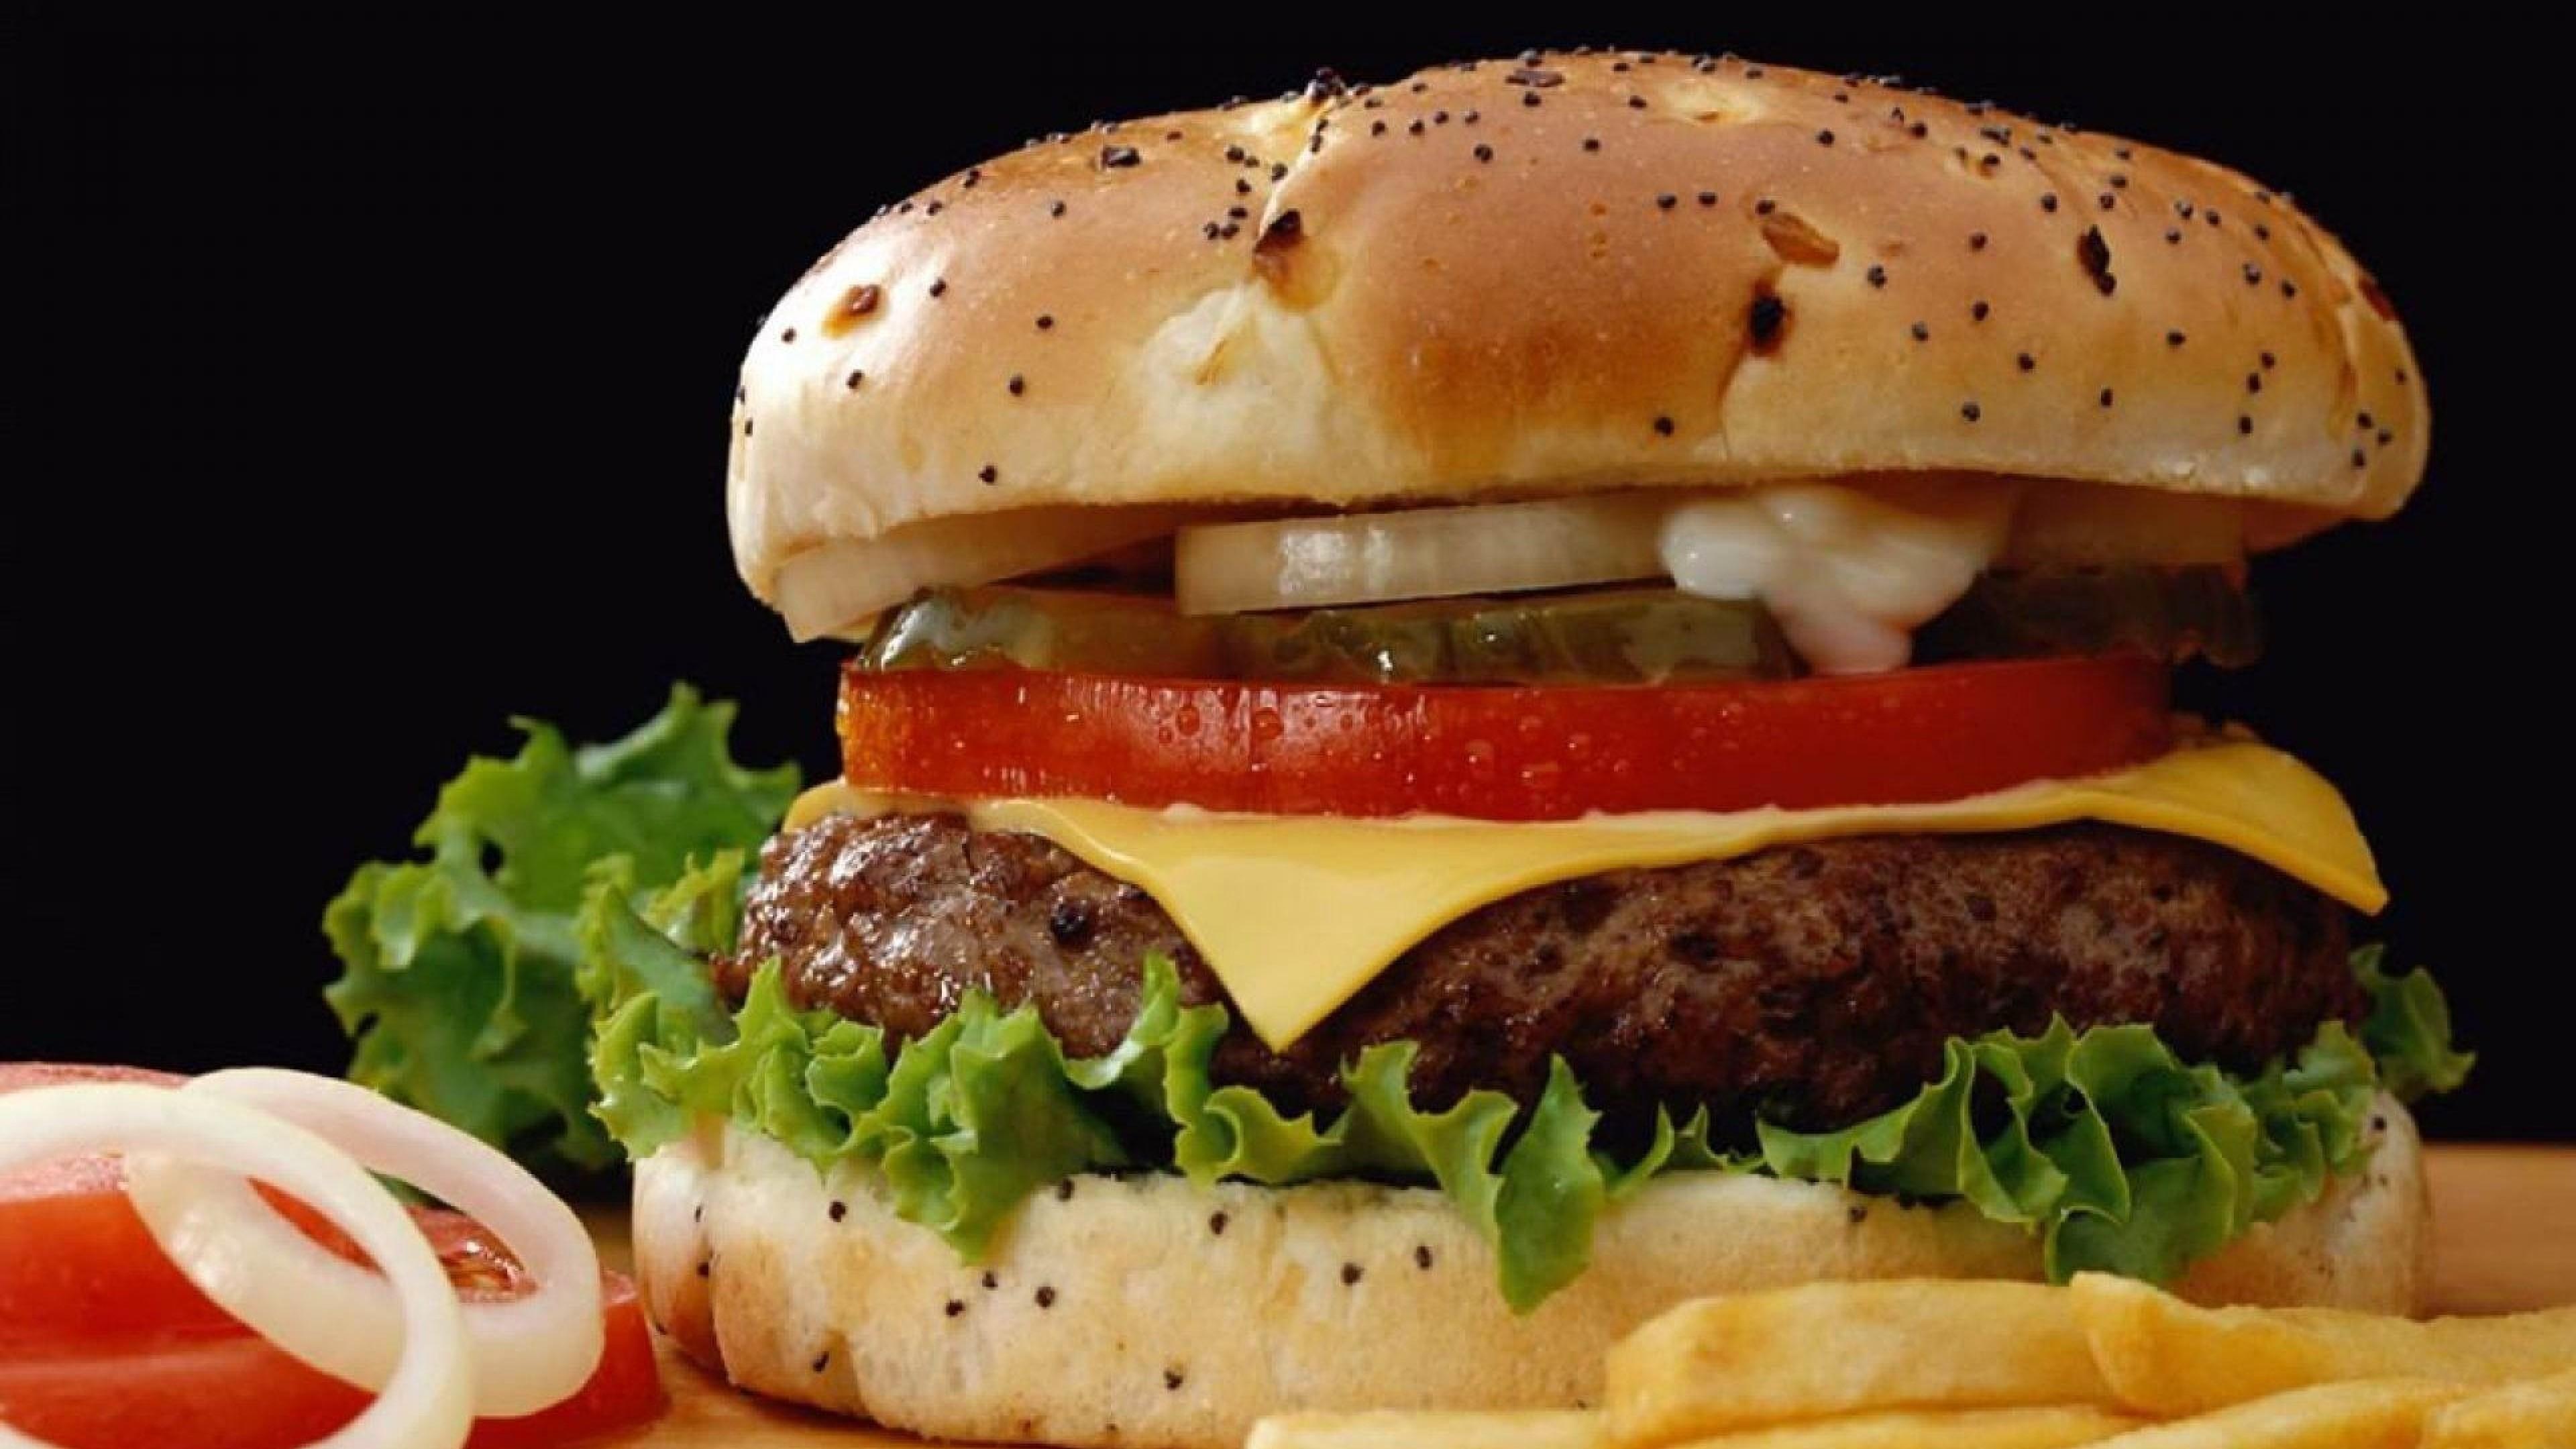 Wallpaper cheeseburger, sandwich, fast food